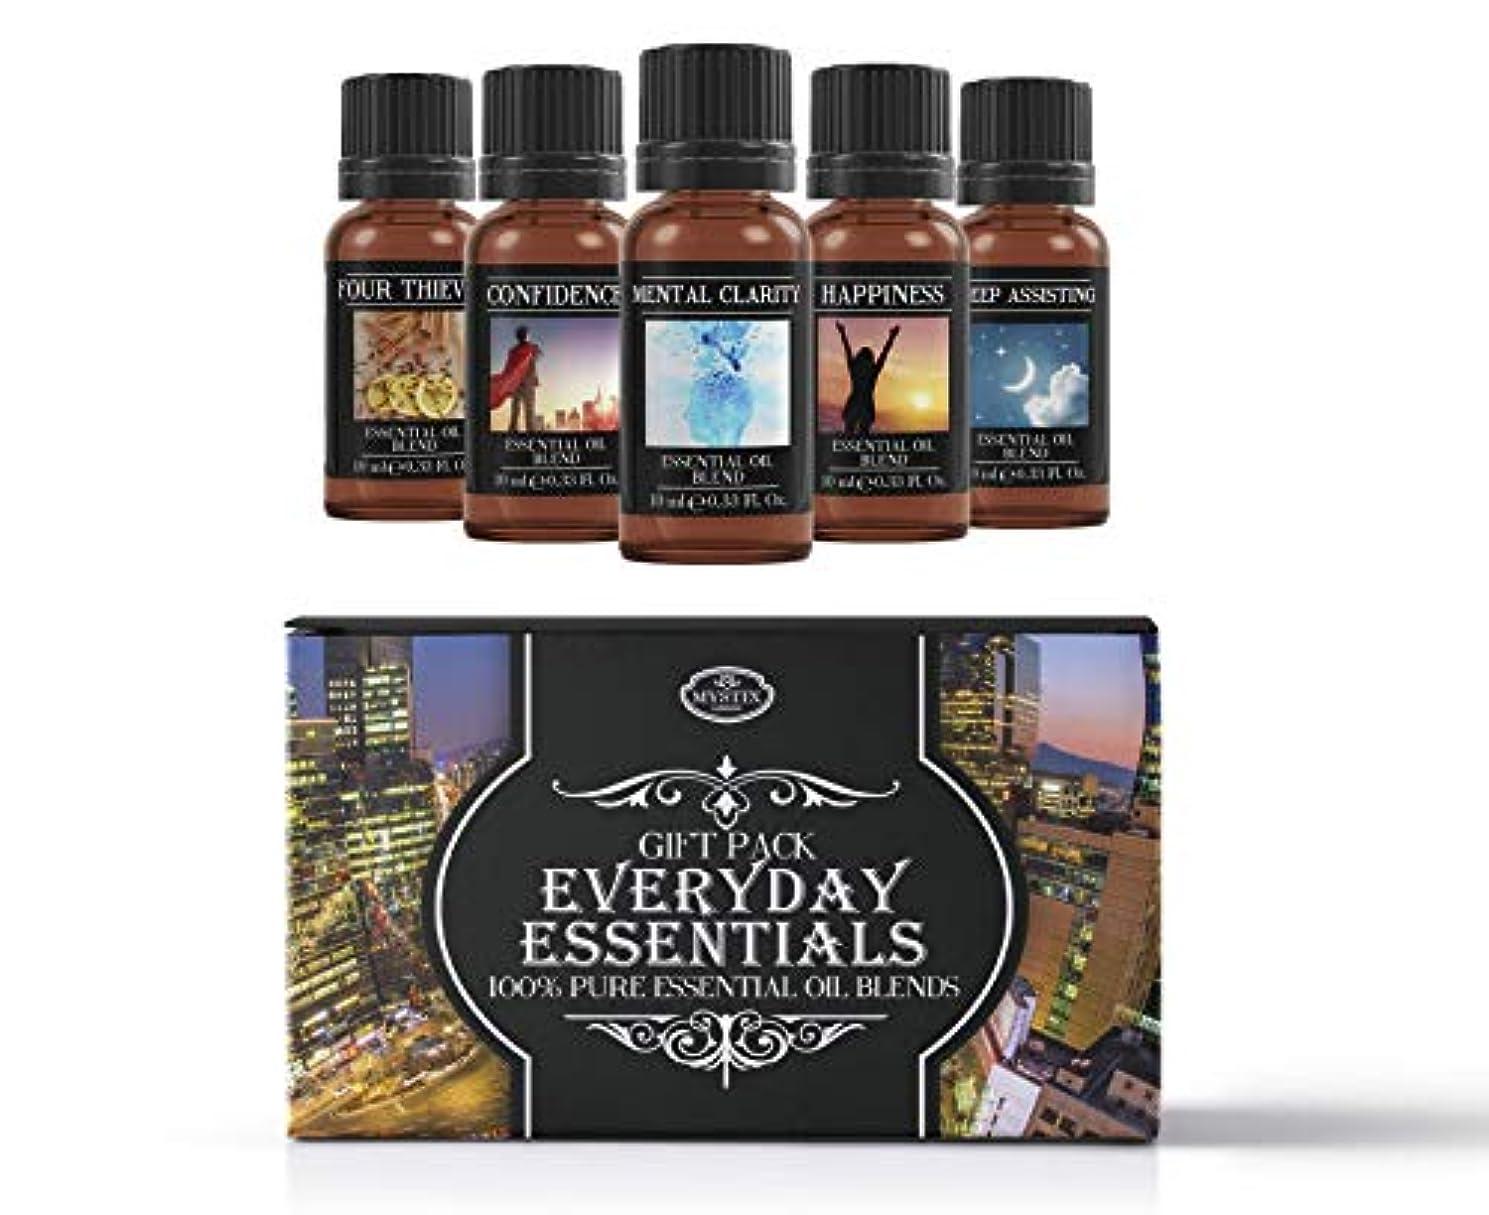 ハーネスアンカー関係するEveryday Essentials   Essential Oil Blend Gift Pack   Confidence, Four Thieves, Happiness, Mental Clarity, Sleep...